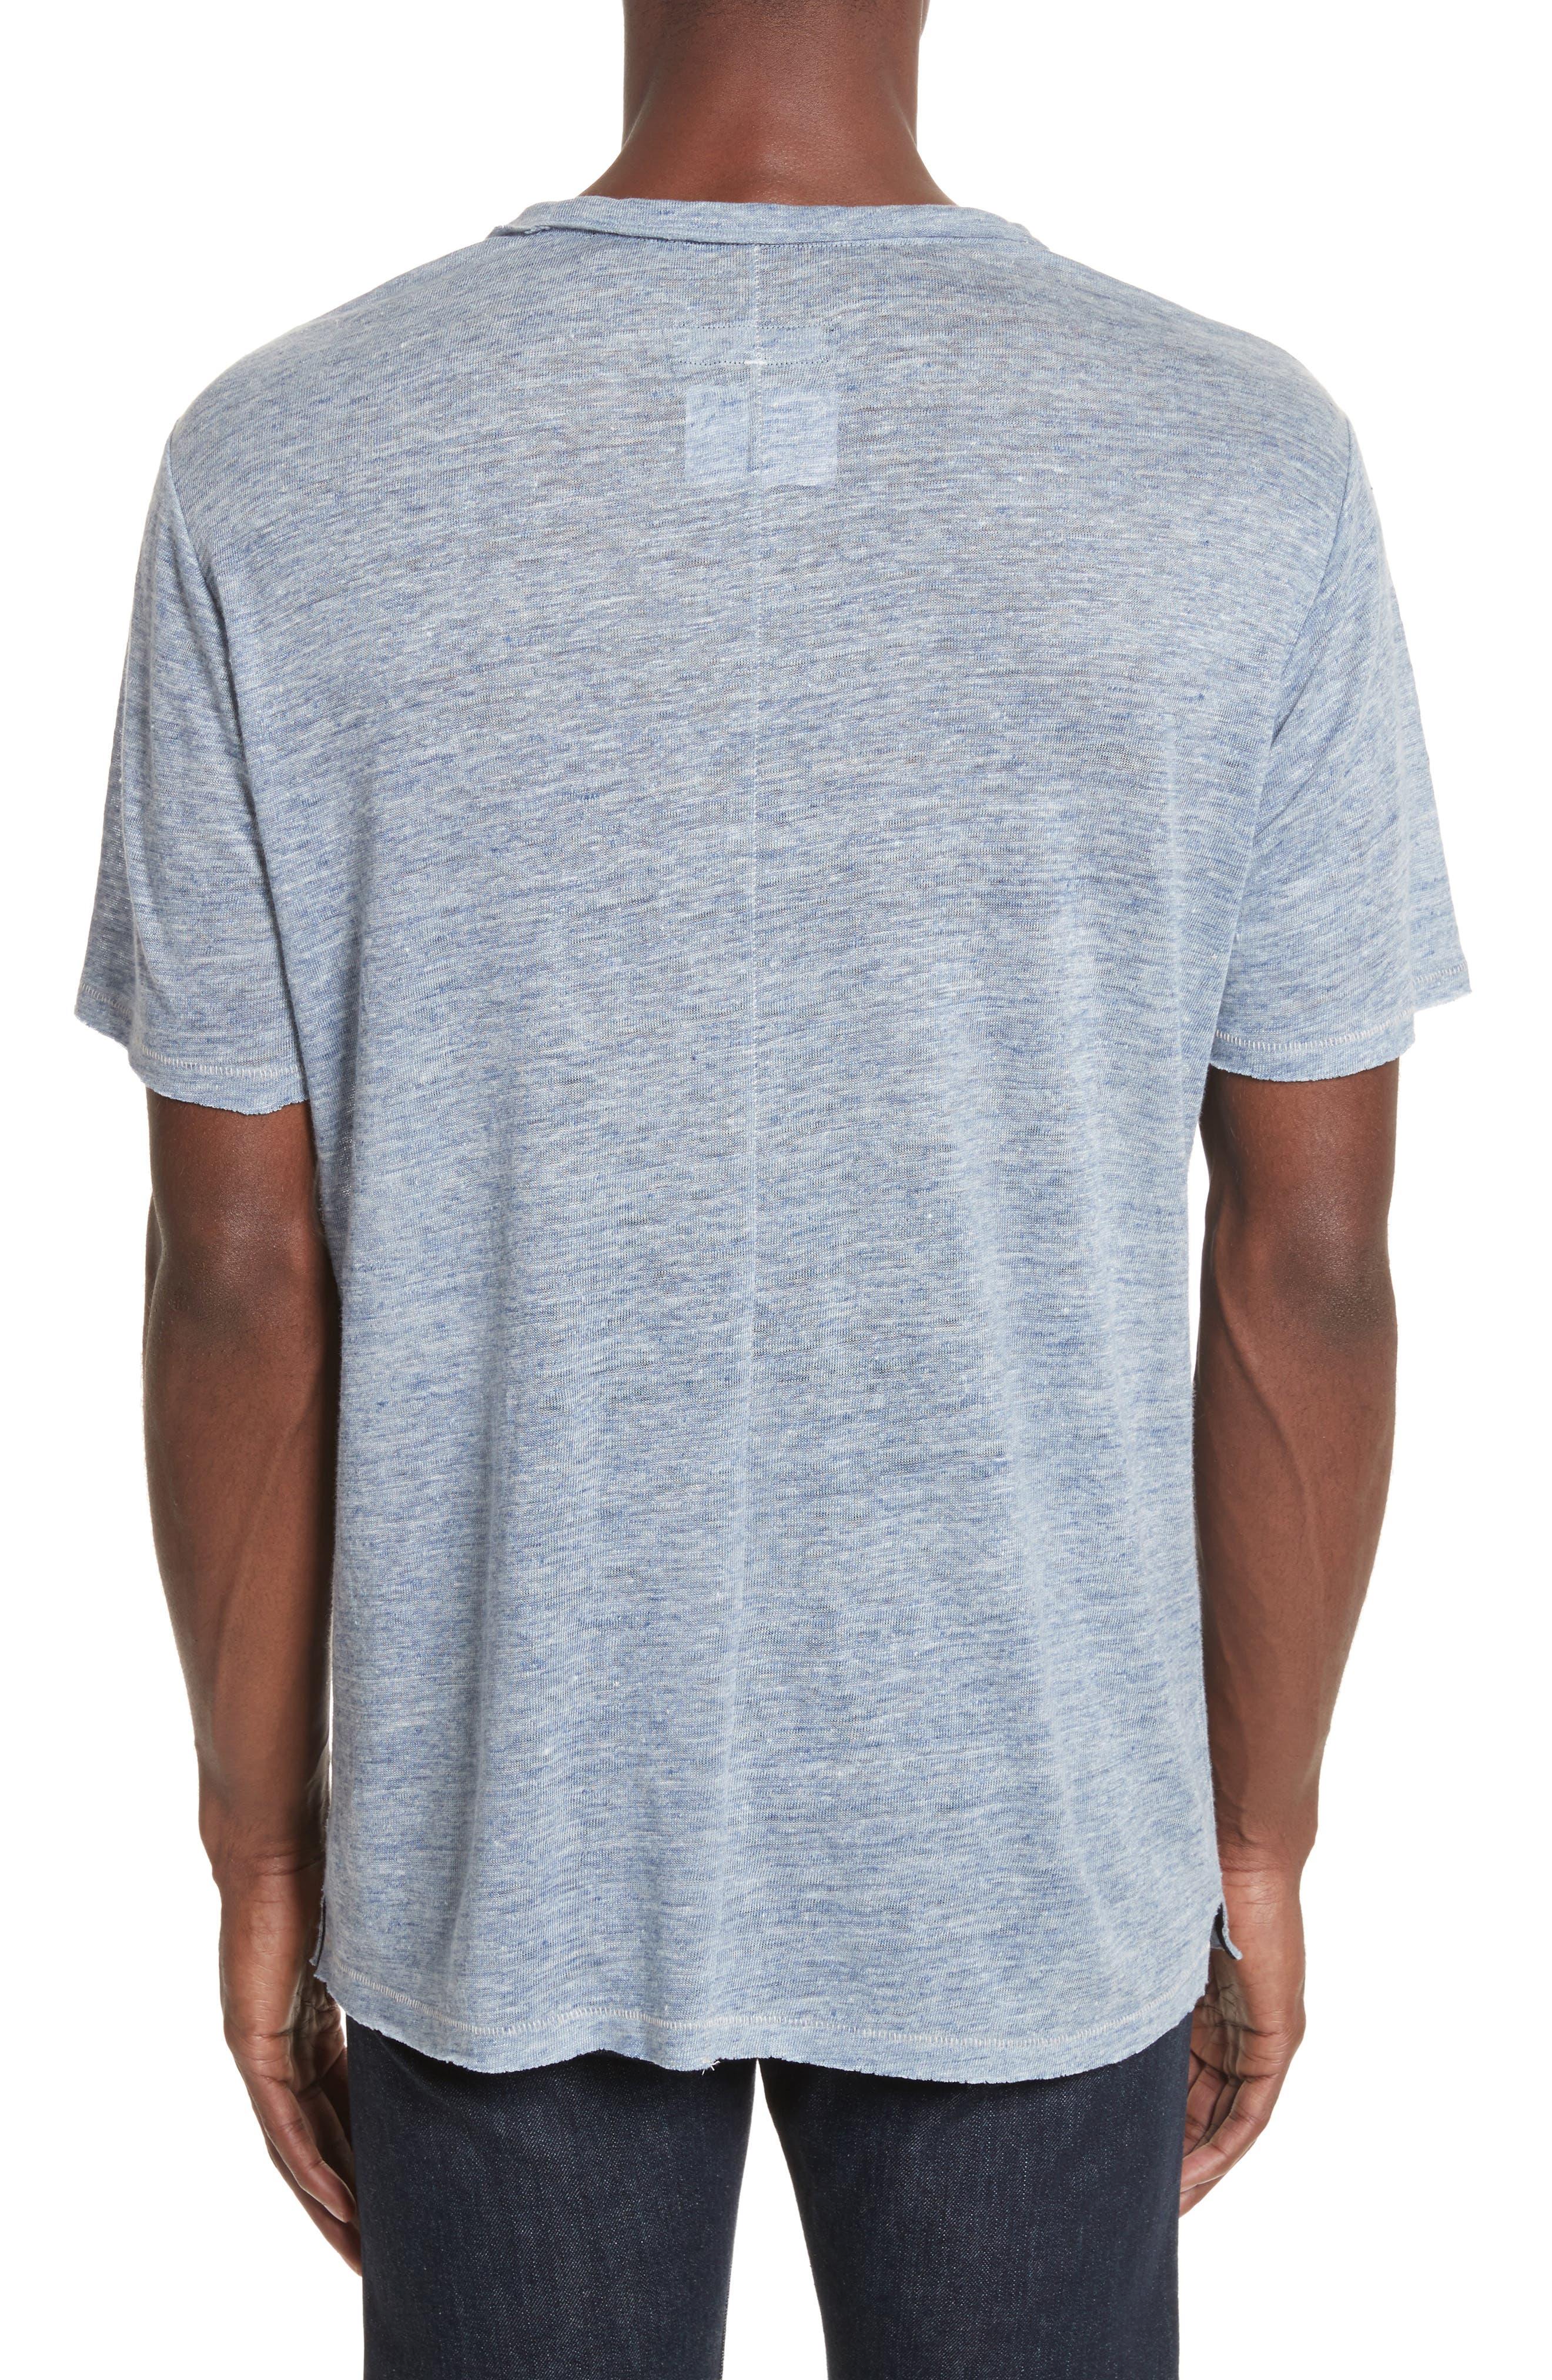 Owen T-Shirt,                             Alternate thumbnail 2, color,